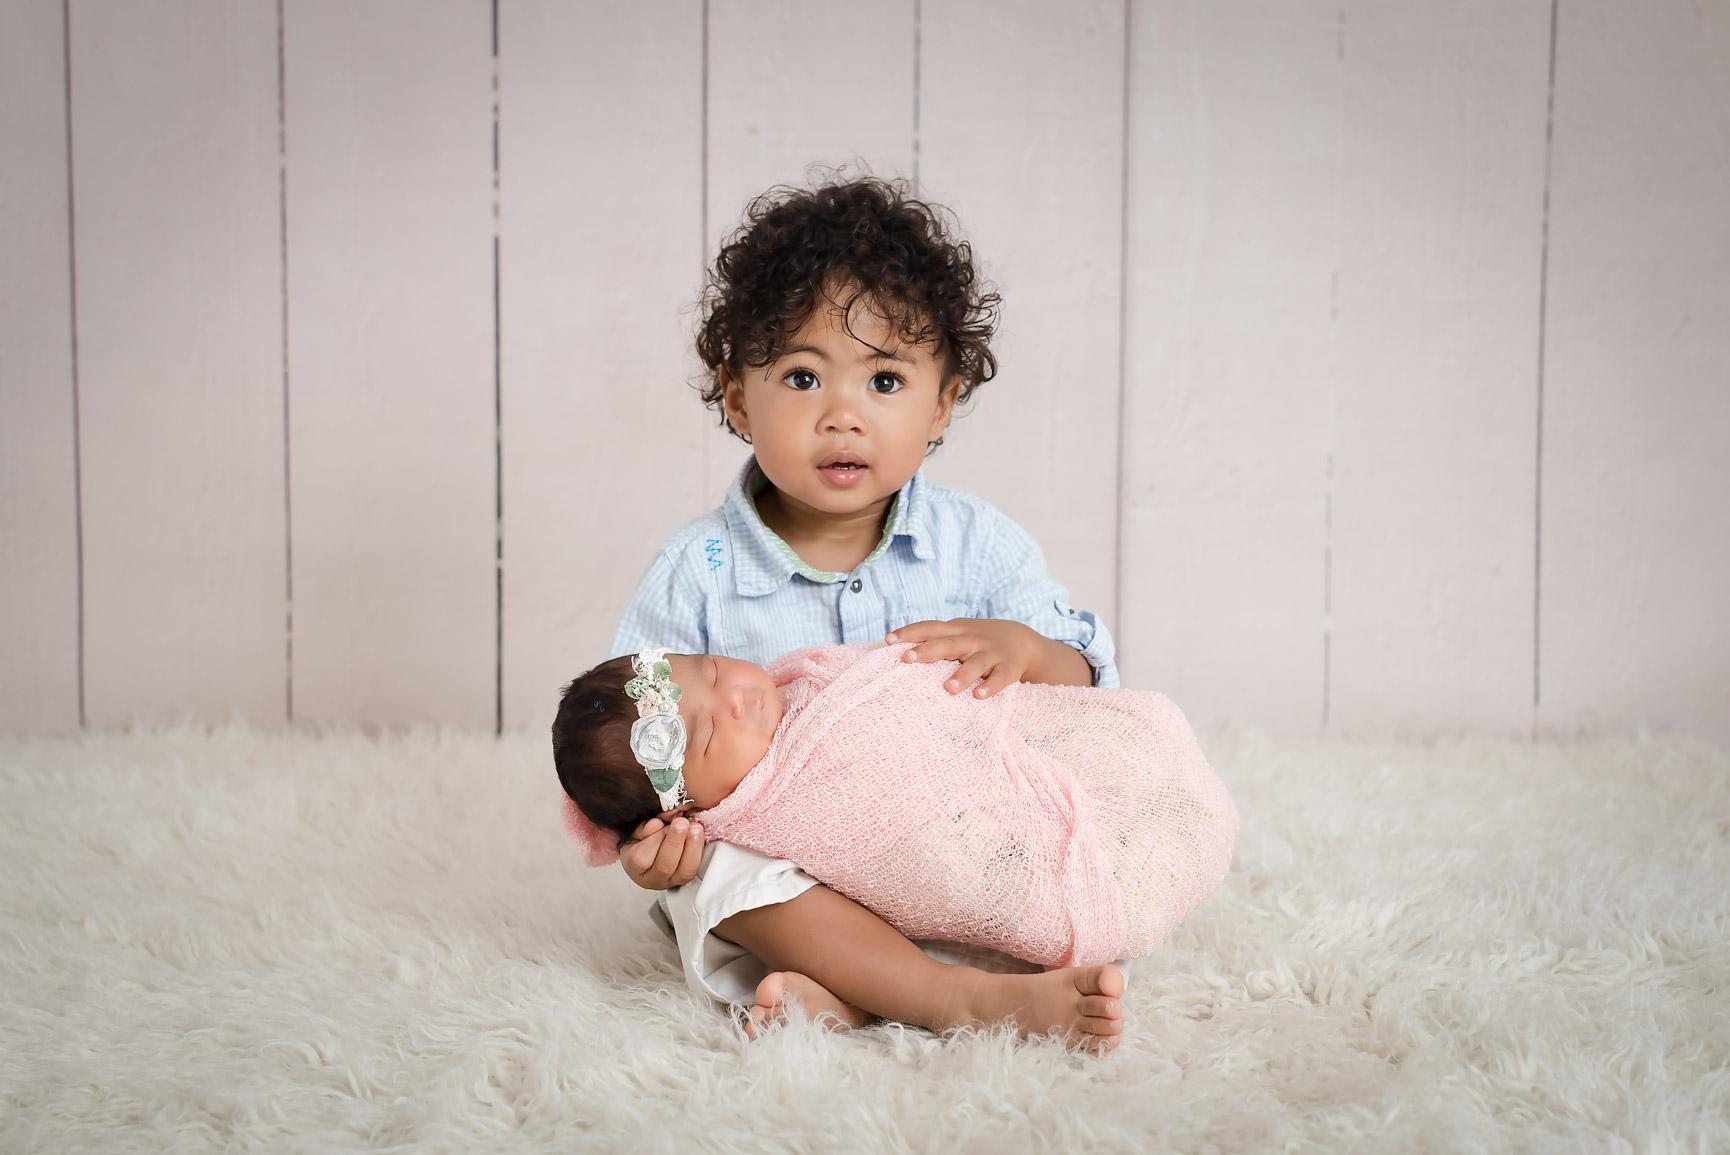 Baby MiaDSC_7256-Edit.jpg